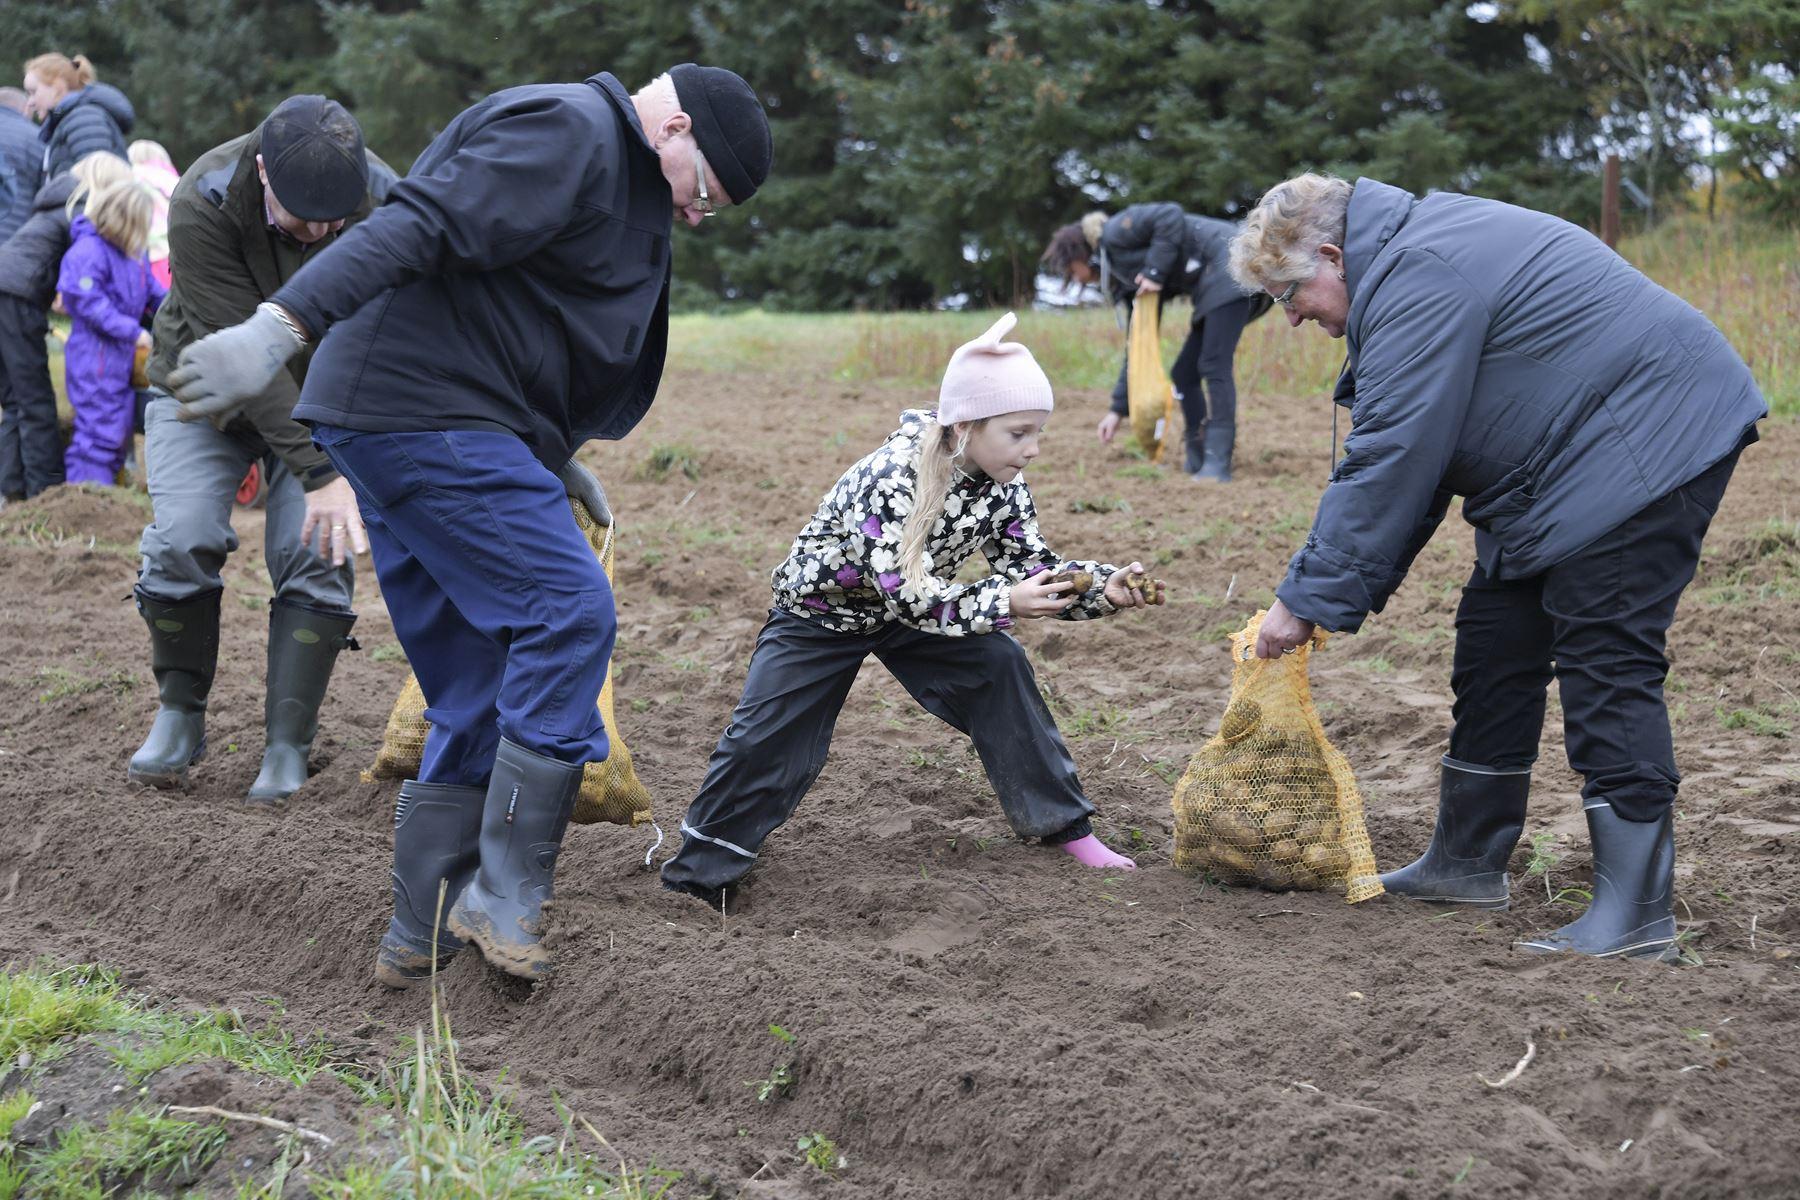 Onsdag var der traditionen kartoffeldag i Mosbjerg på VHM's landbrugsmuseum